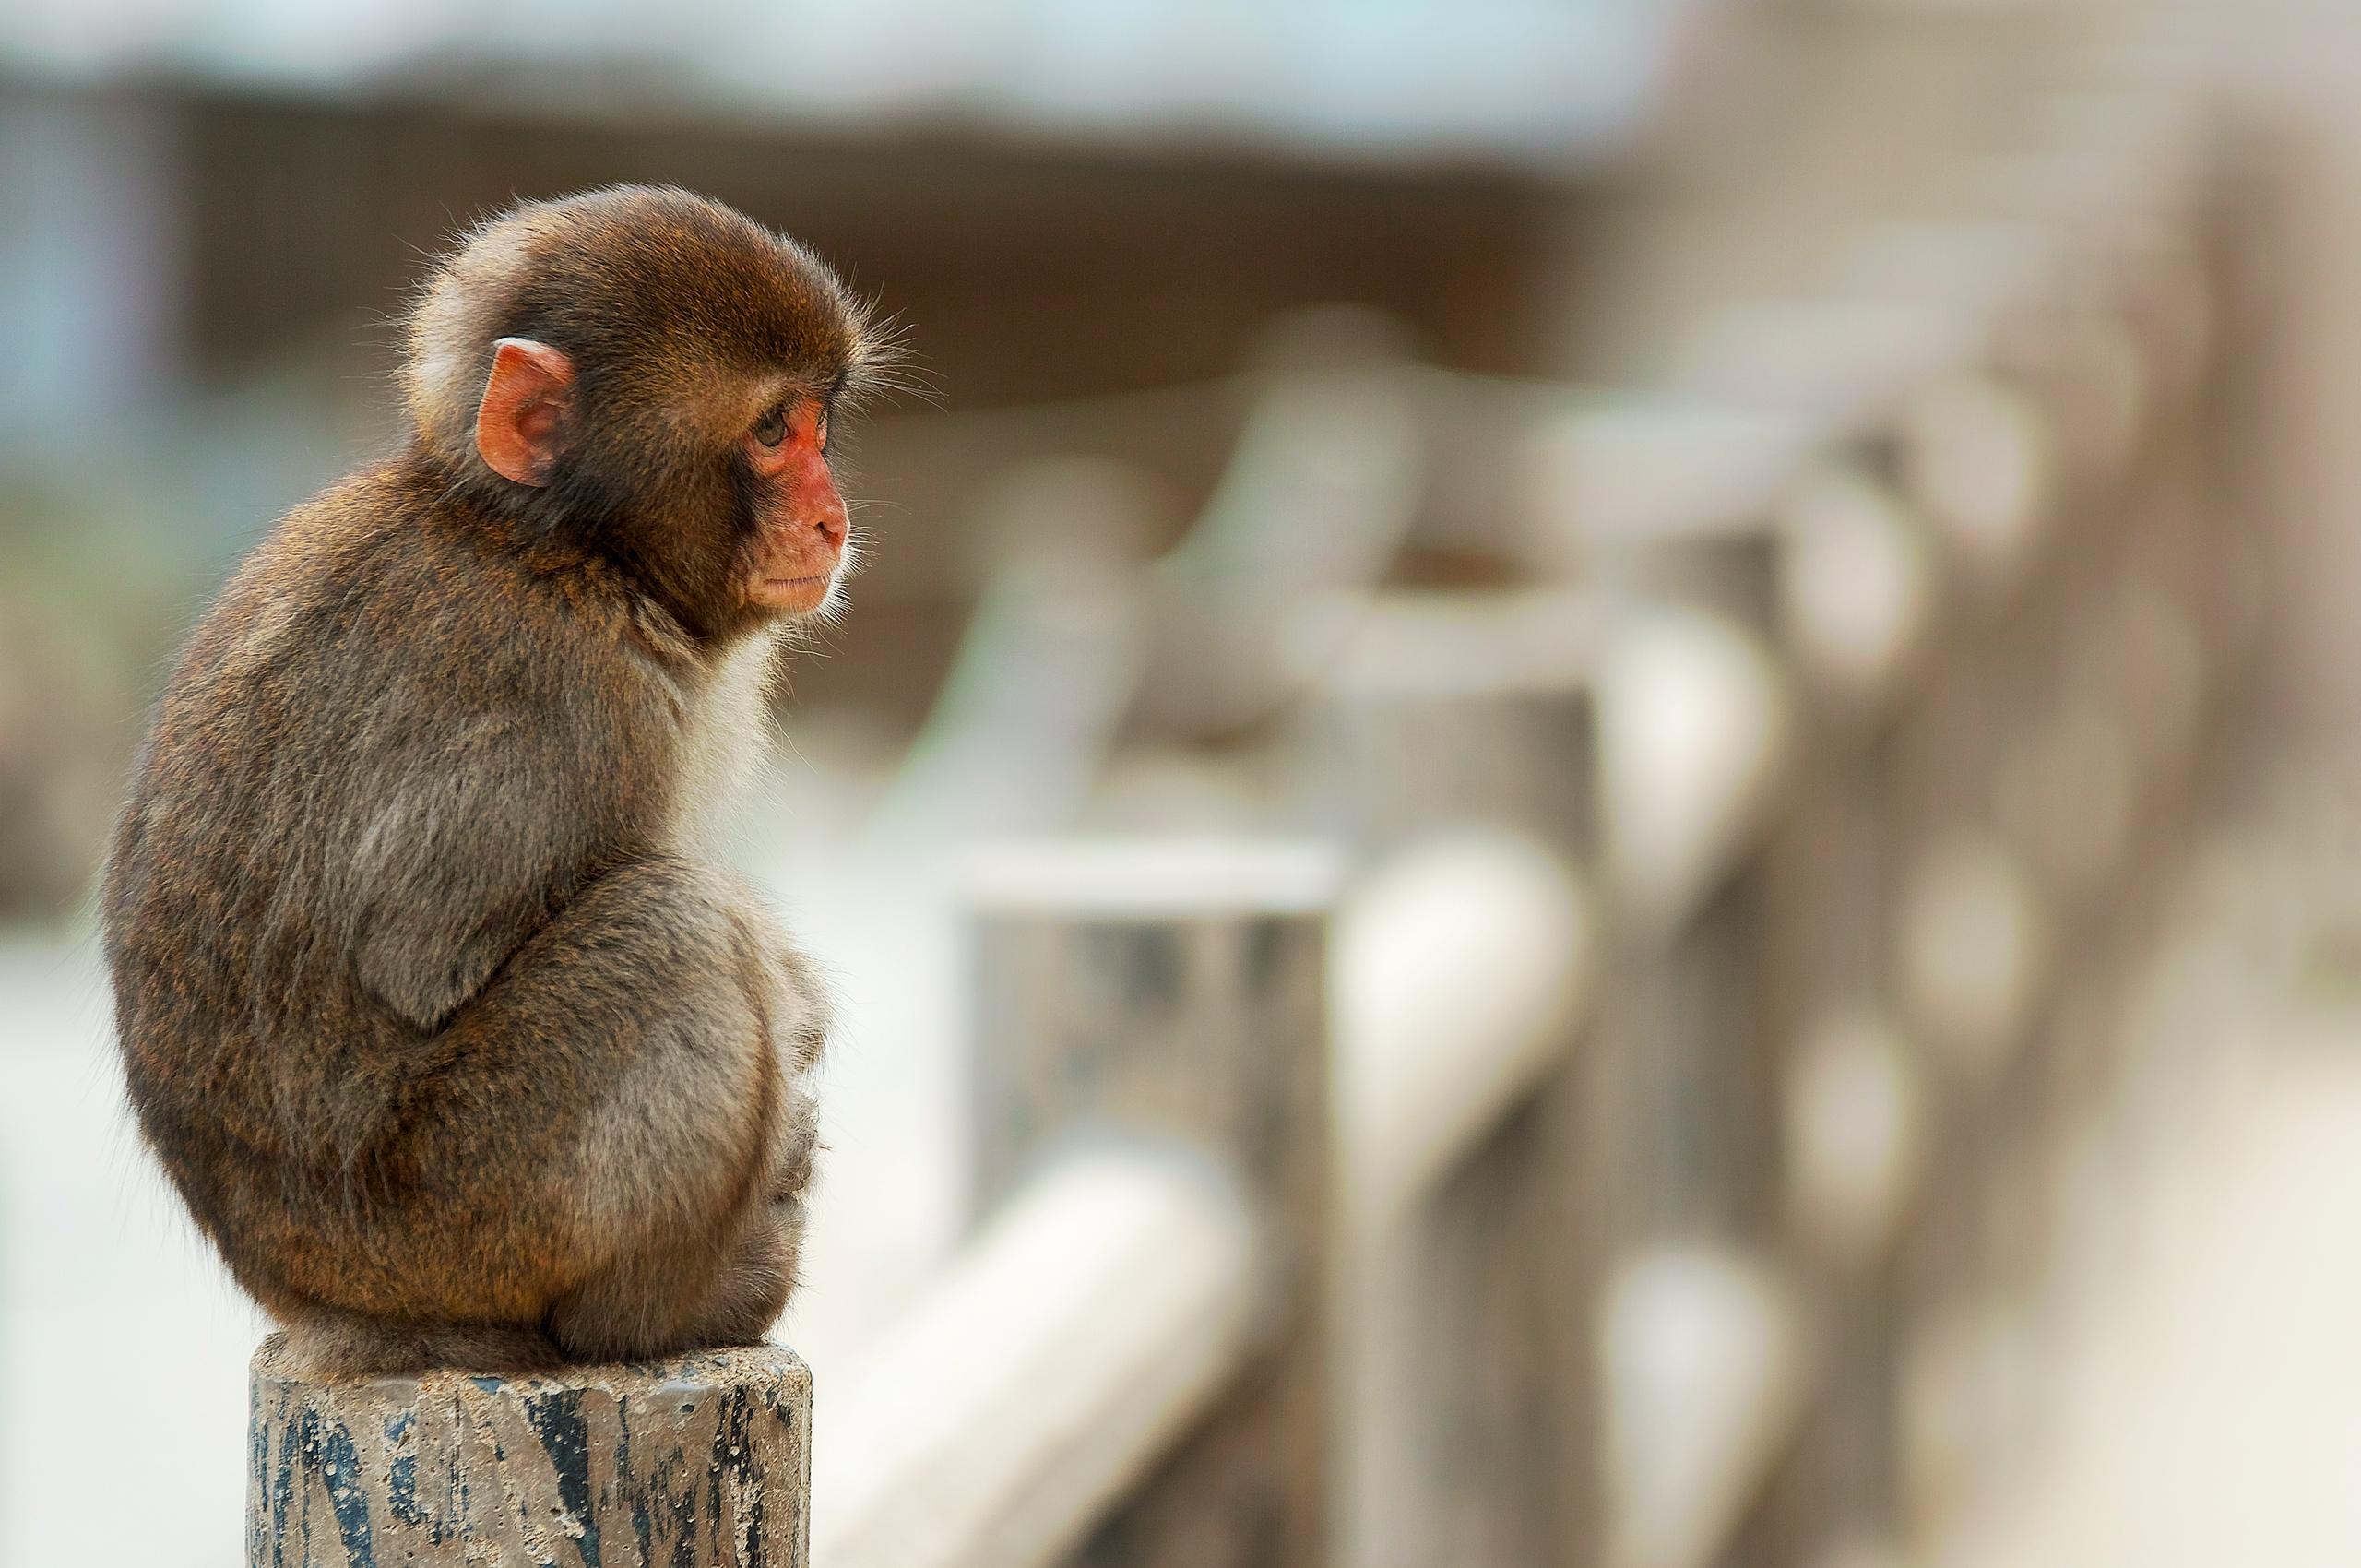 картинки грустная обезьяна ближе пограничному